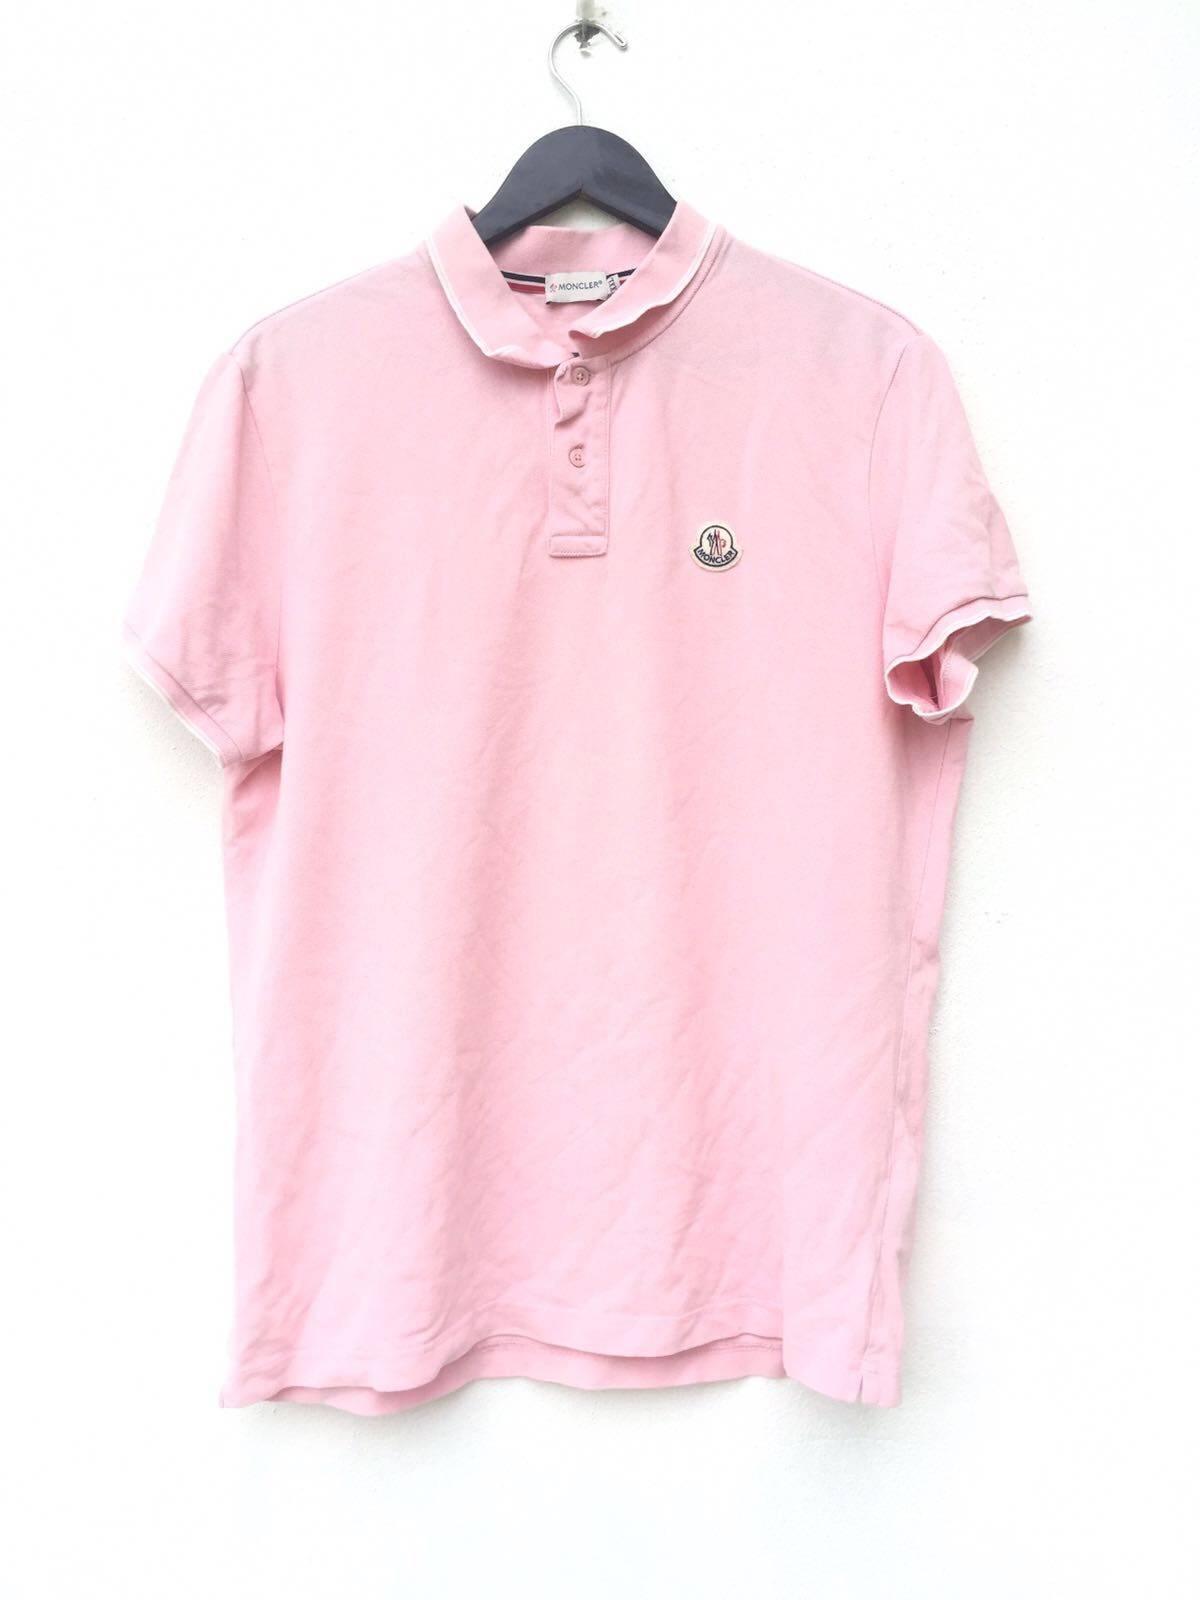 4521d85d3 Moncler Vintage Moncler Polo Shirt Size l - Short Sleeve T-Shirts ...